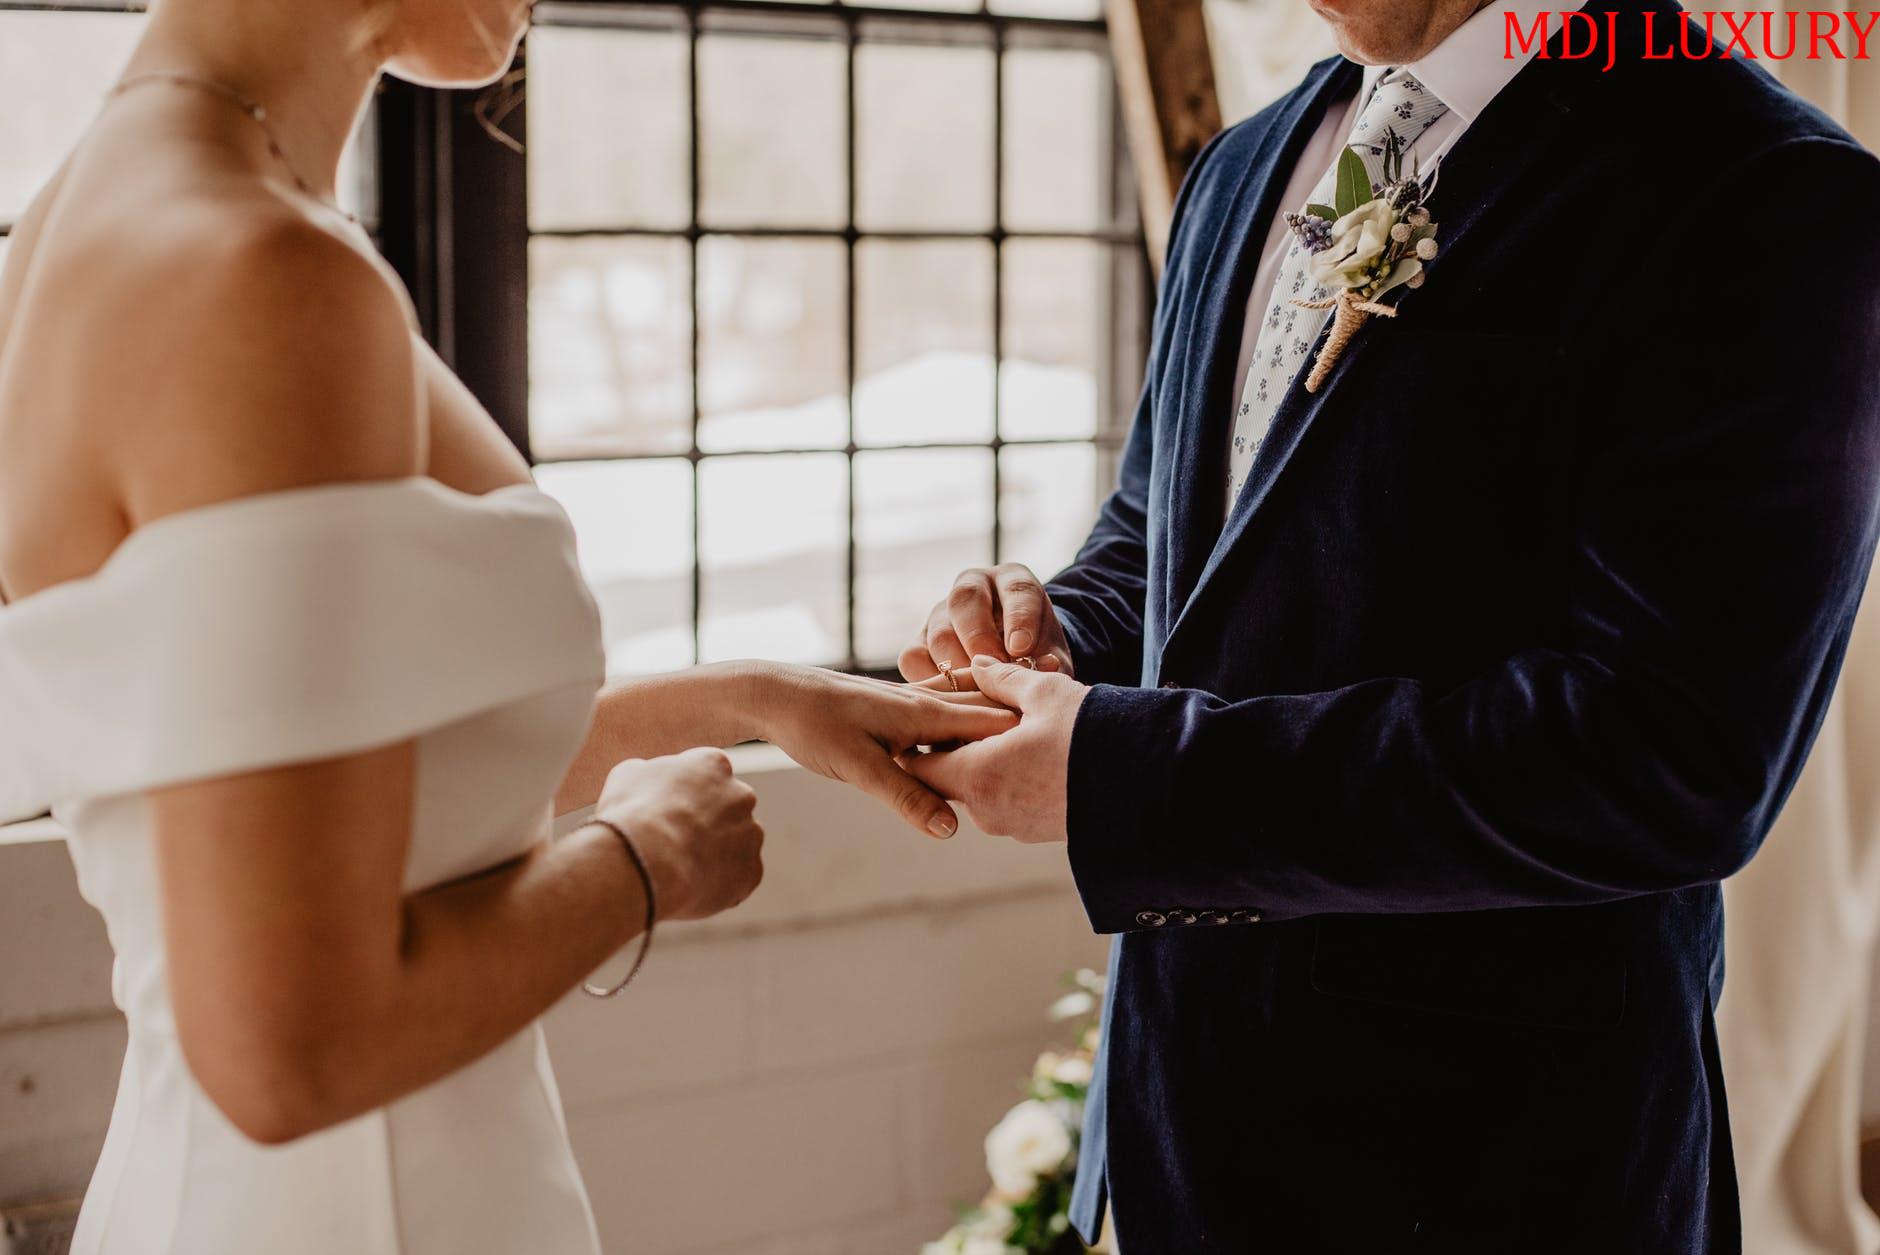 Đeo nhẫn cưới tay nào hợp nhất chuẩn theo phong tục Việt Nam